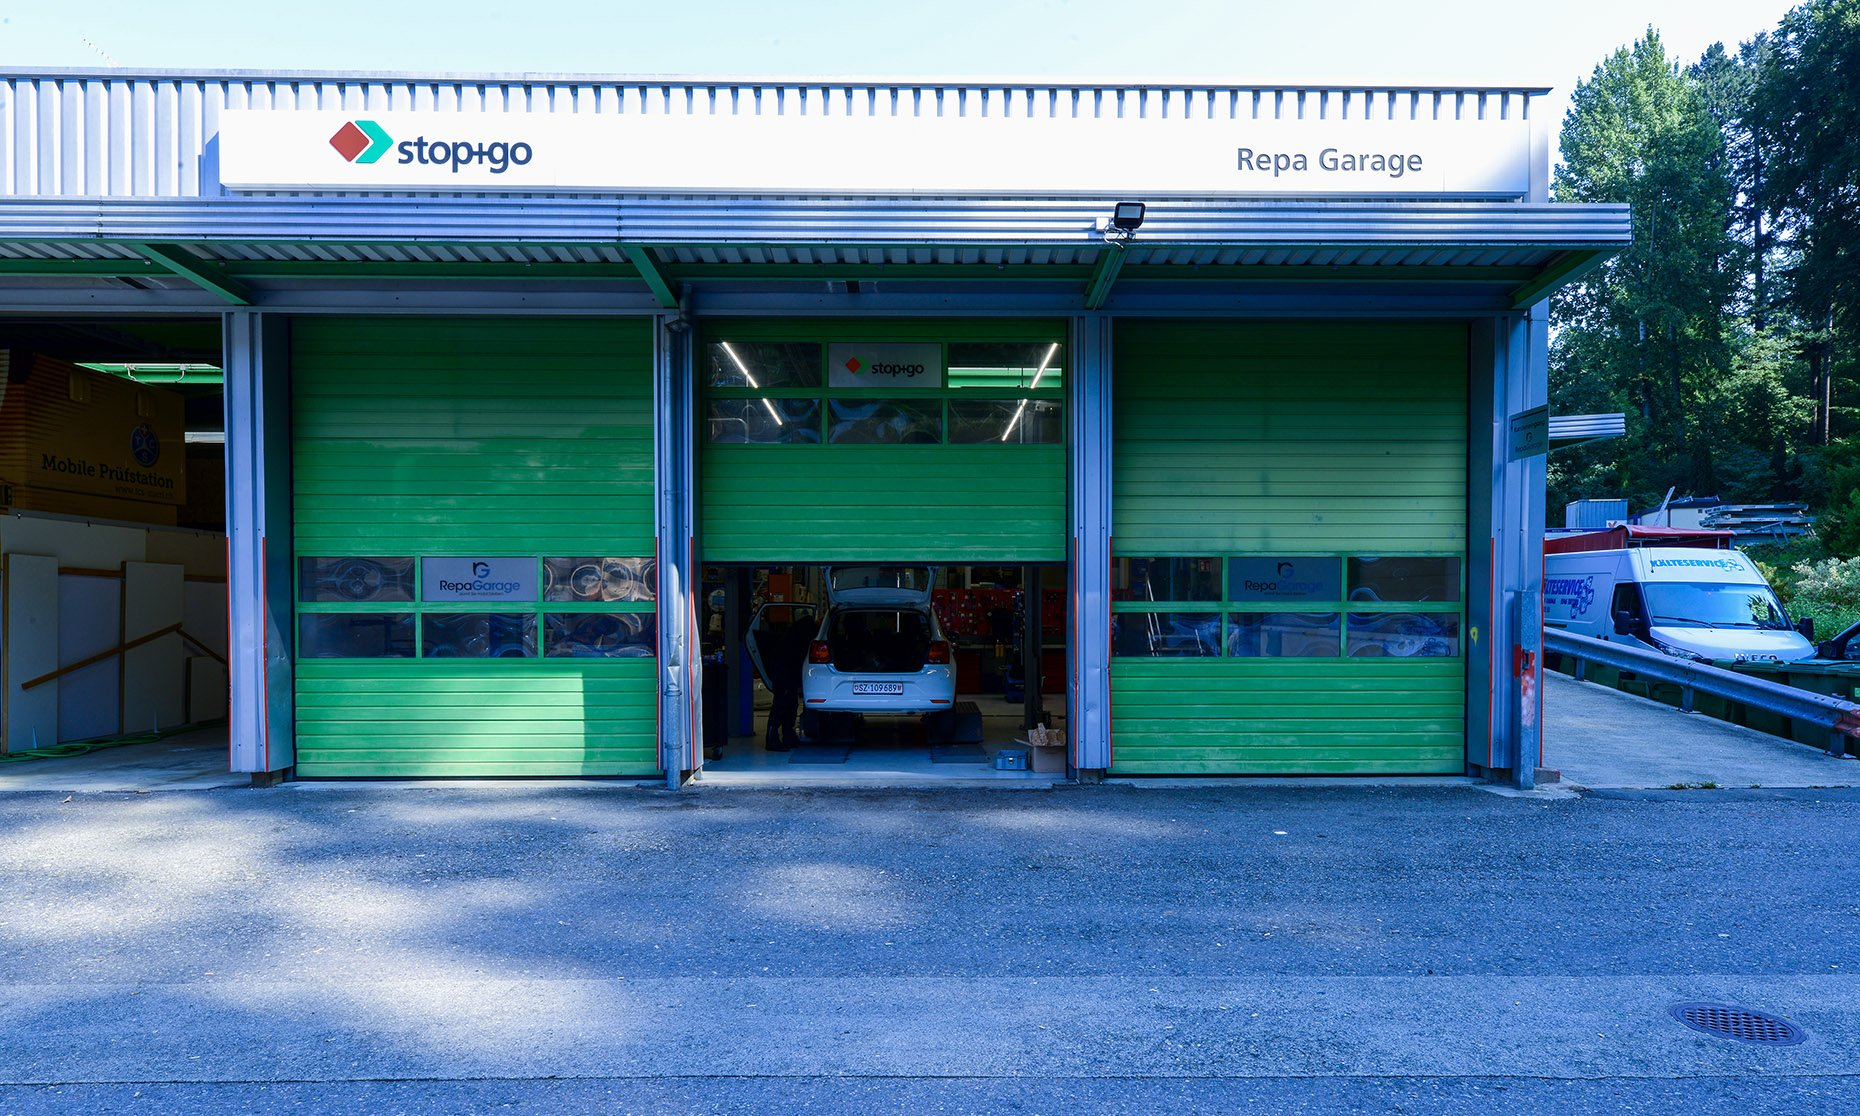 ewh-referenz-repo-garage-6